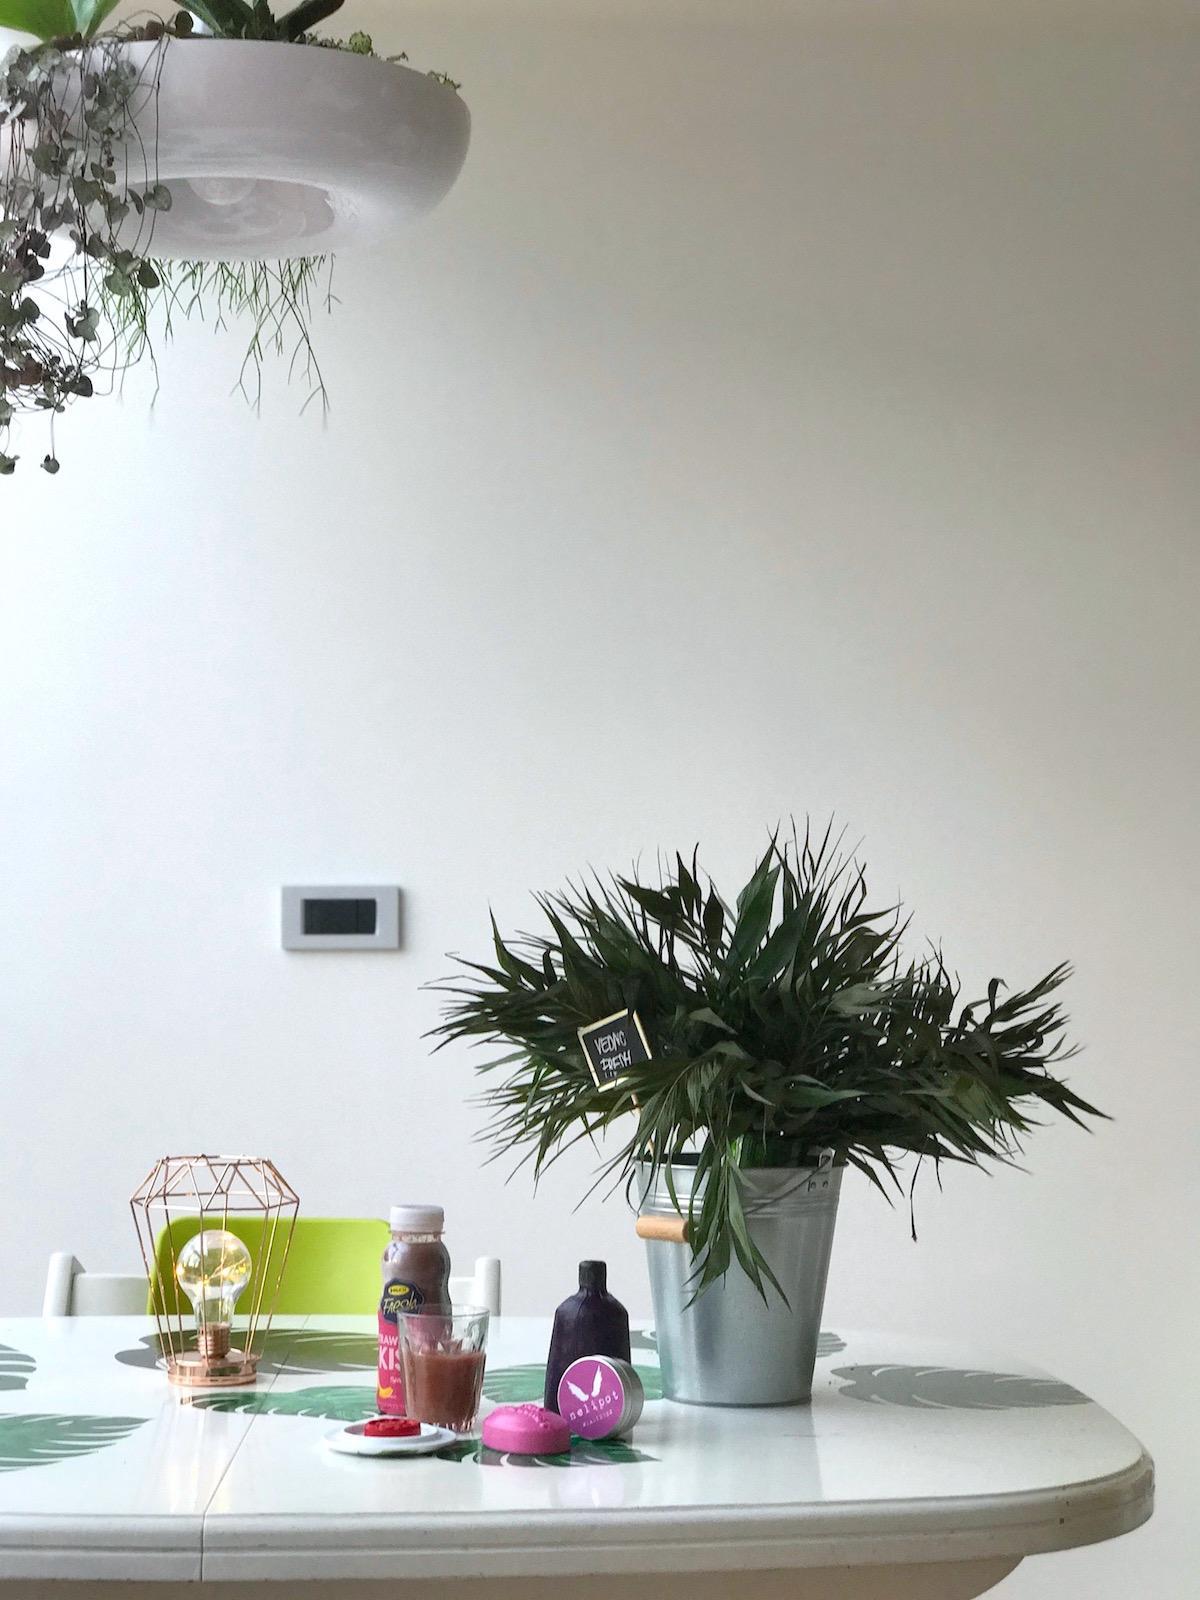 sveže zdrave navade rauch fresh beautyfullblog gardenia nelipot lush